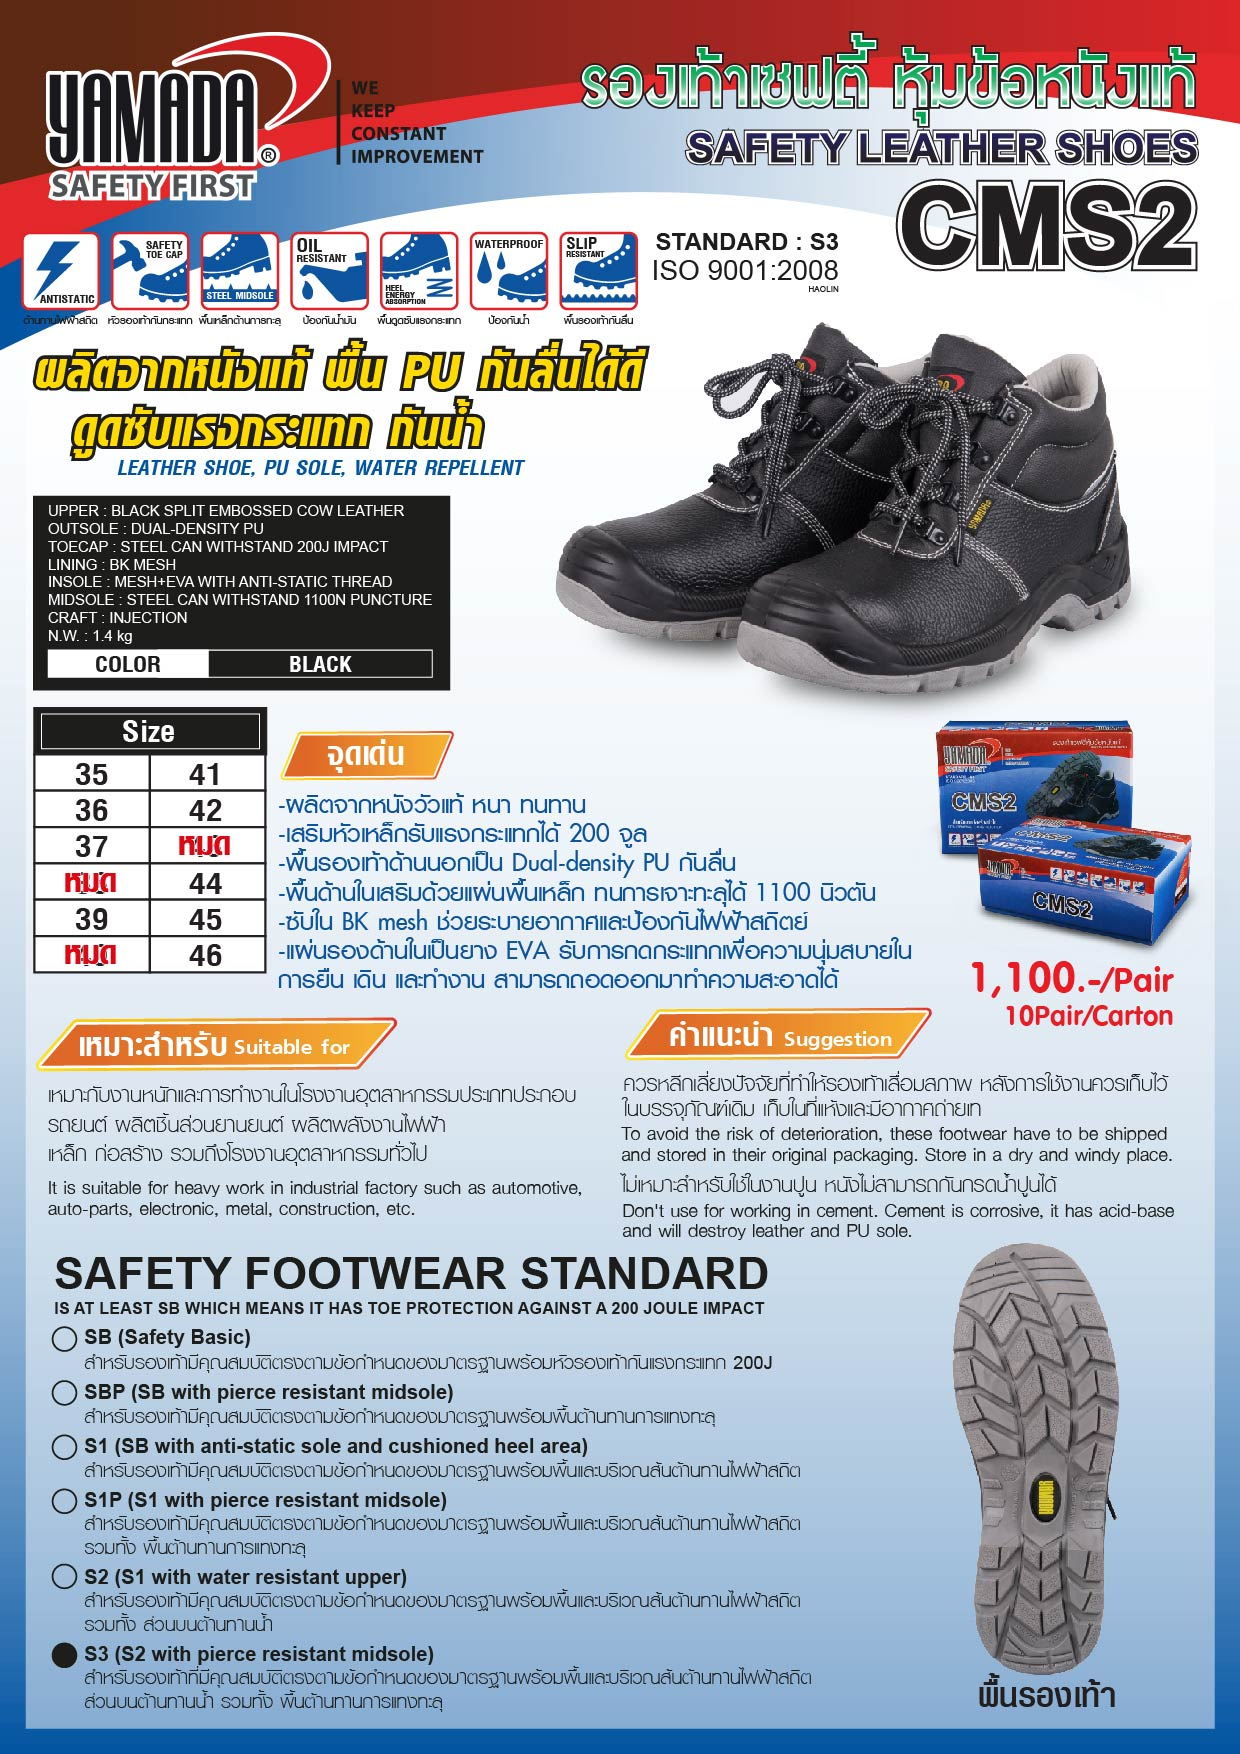 (106/268) รองเท้าเซฟตี้ หุ้มข้อ หนังแท้ รุ่น CMS2